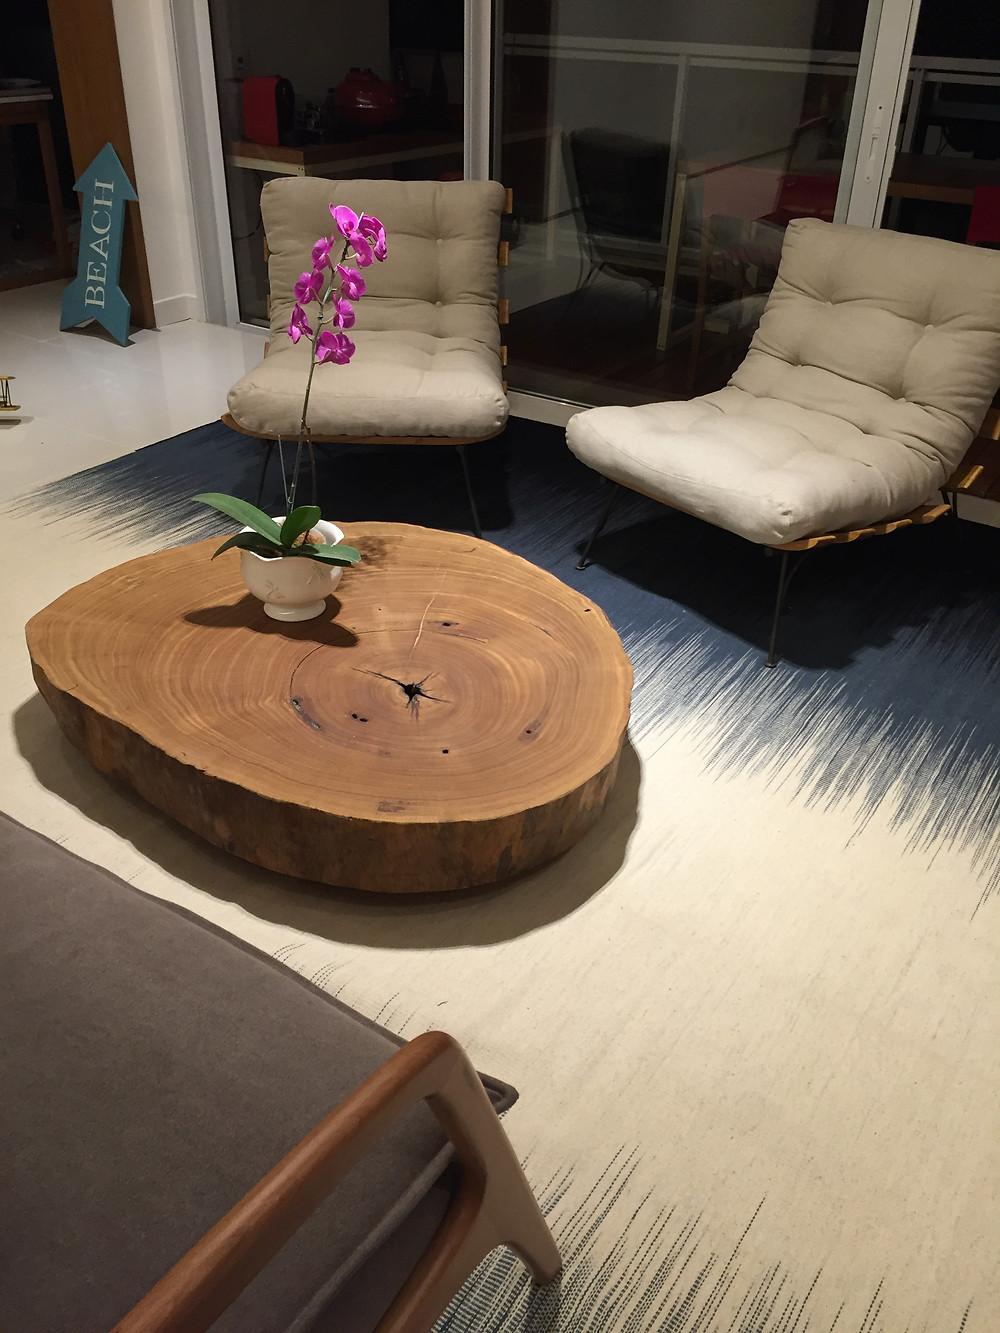 Mesa de centro modelo bolacha em madeira maciça de Pequiá ArboREAL